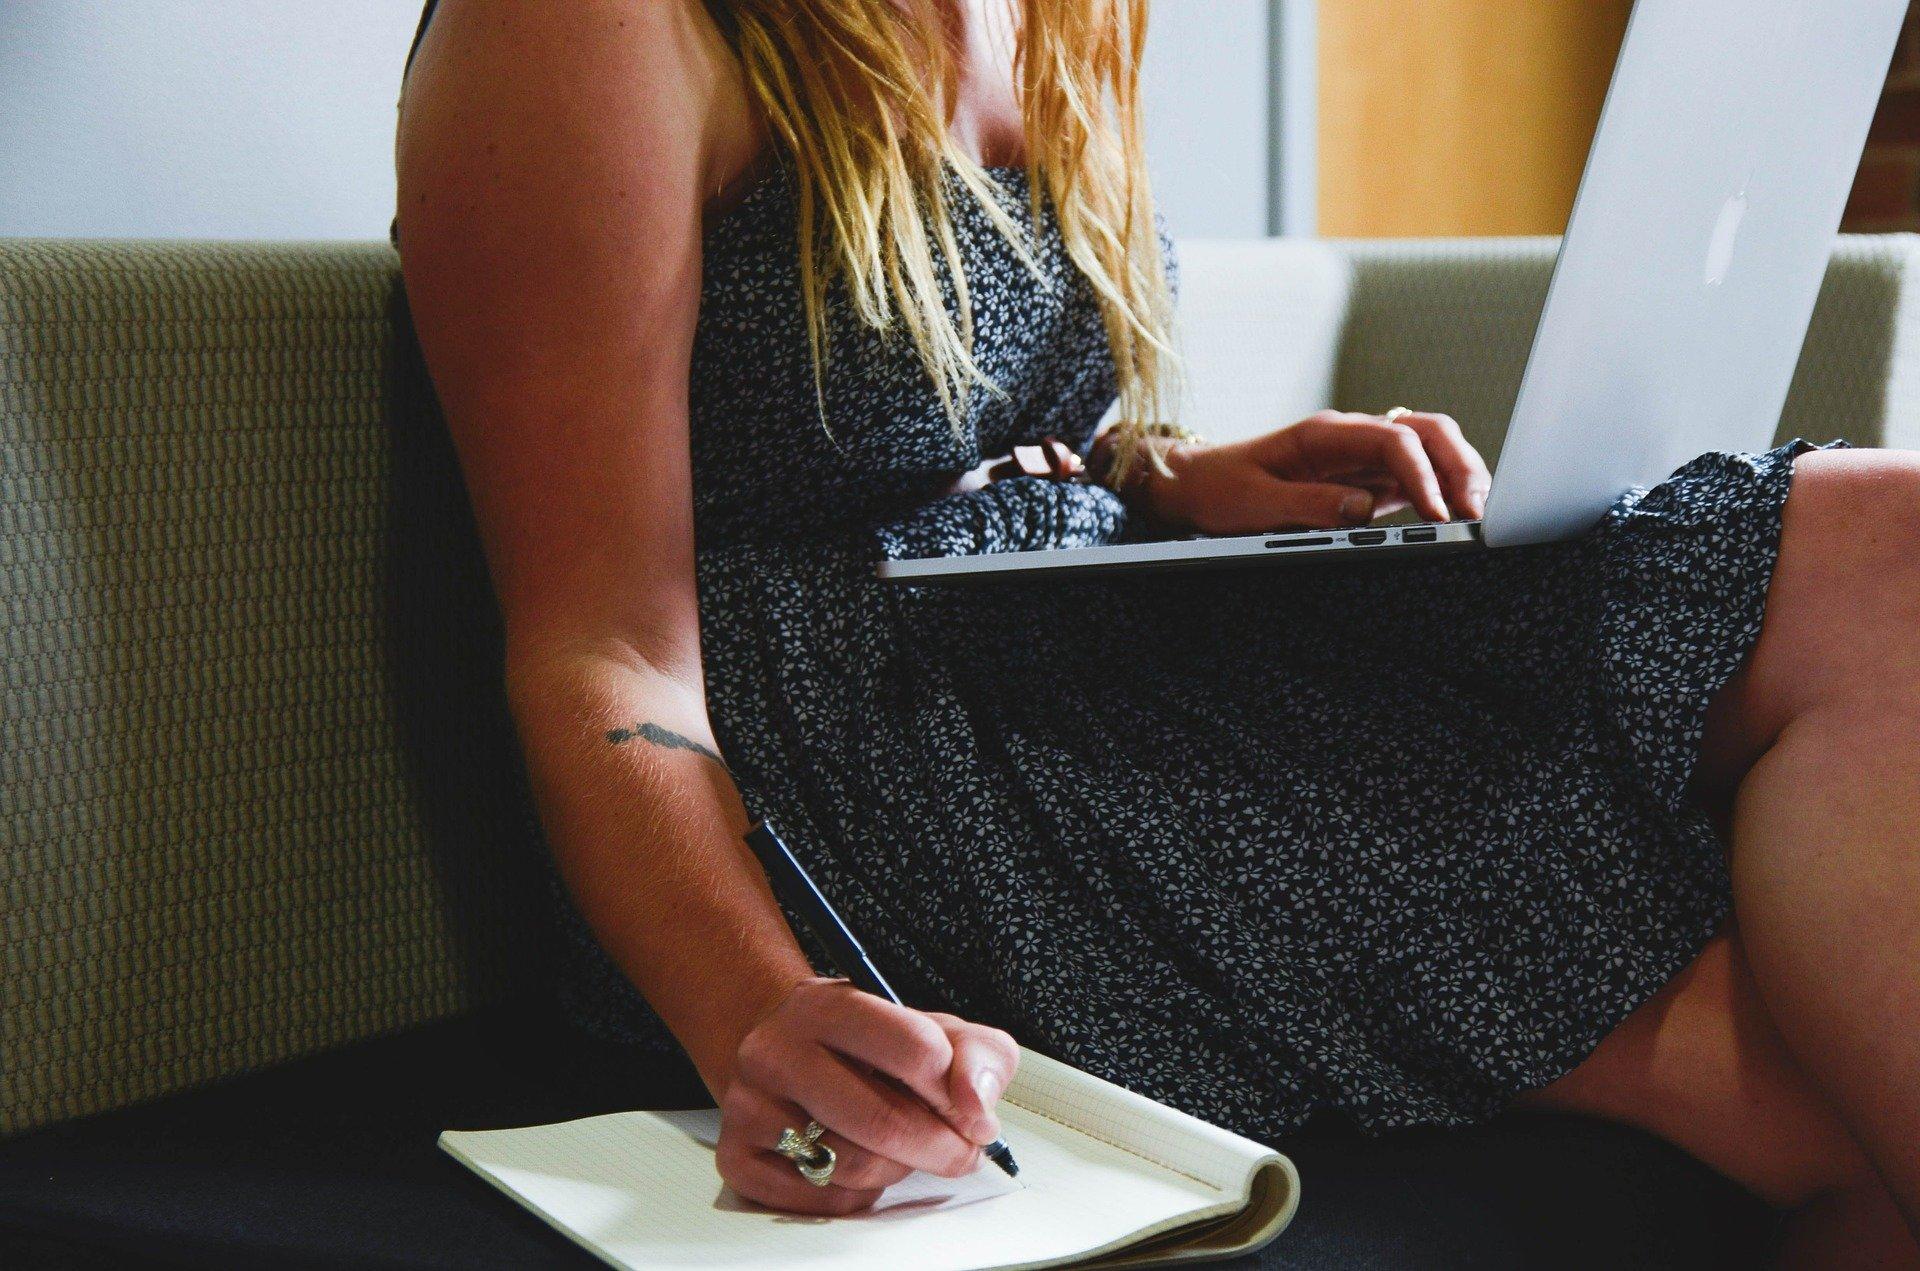 Imagem mostra uma mulher mexendo em um notebook e fazendo anotações.